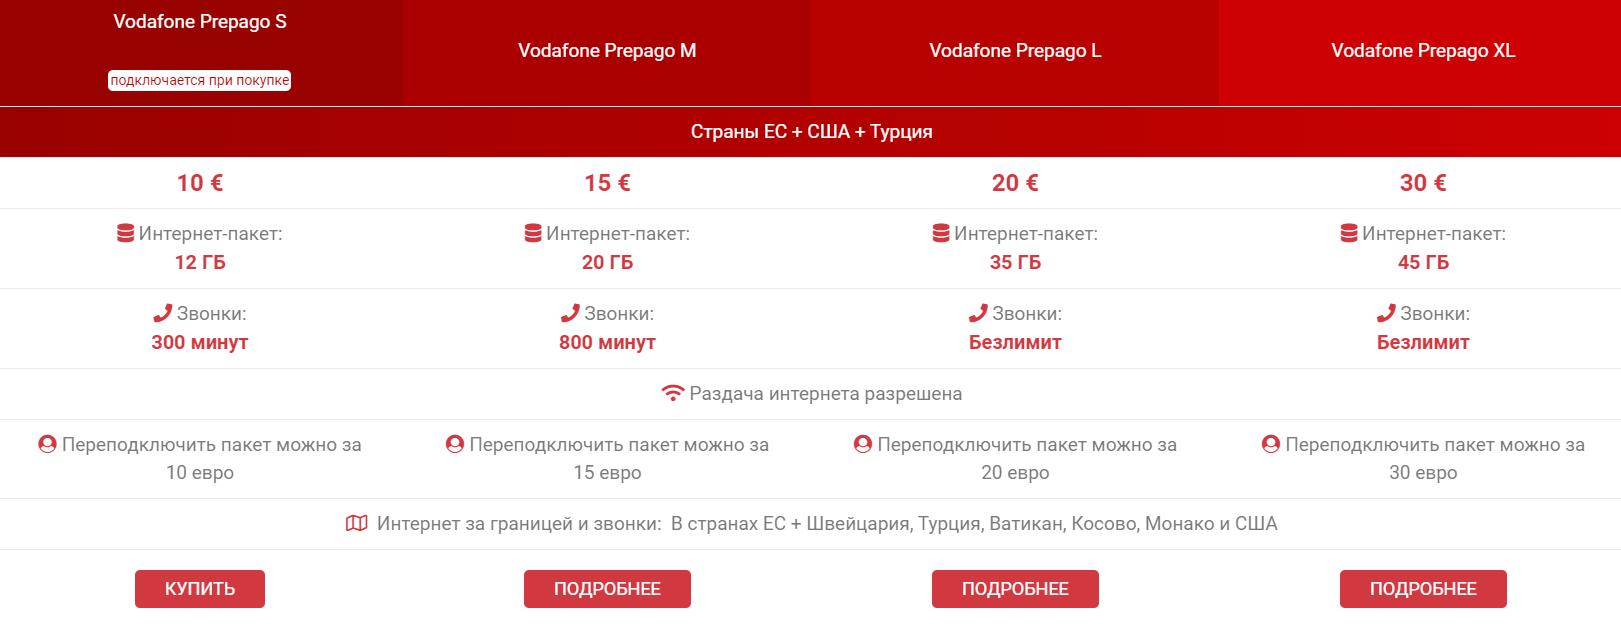 Туристические тарифы на интернет в Англии в 2021 году для российских путешественников